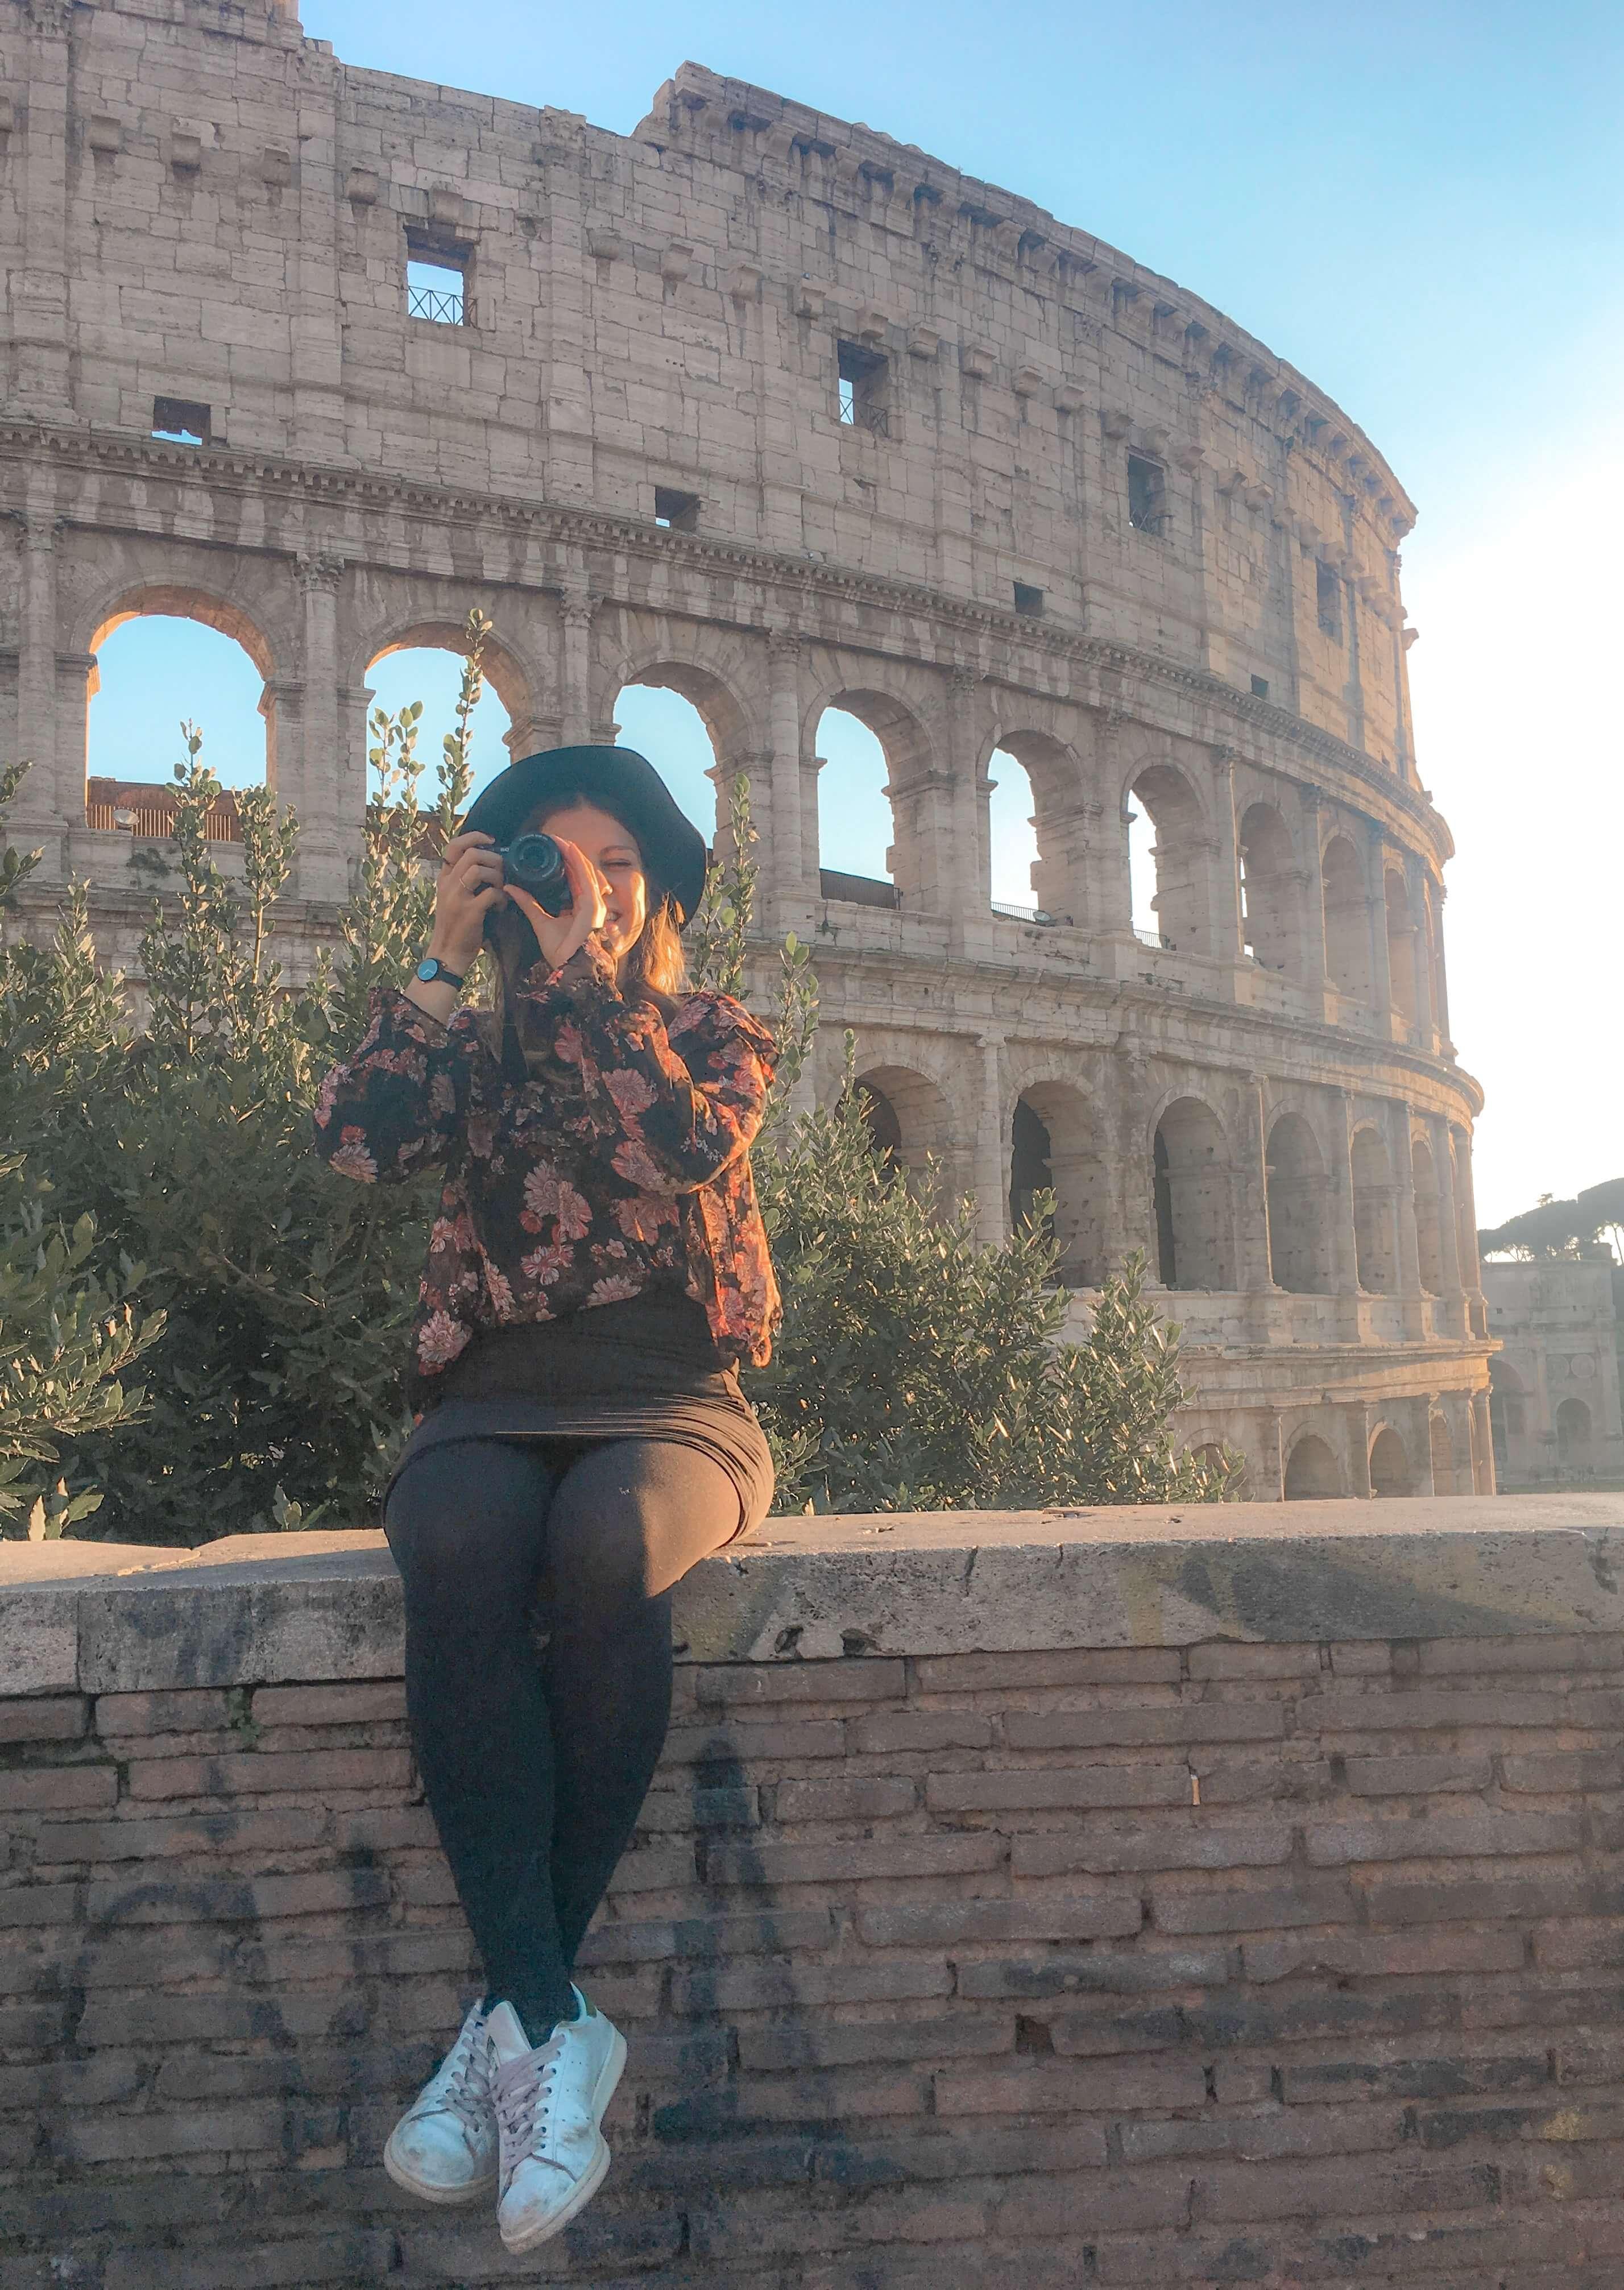 comment visiter le colisée rome blog voyage billet